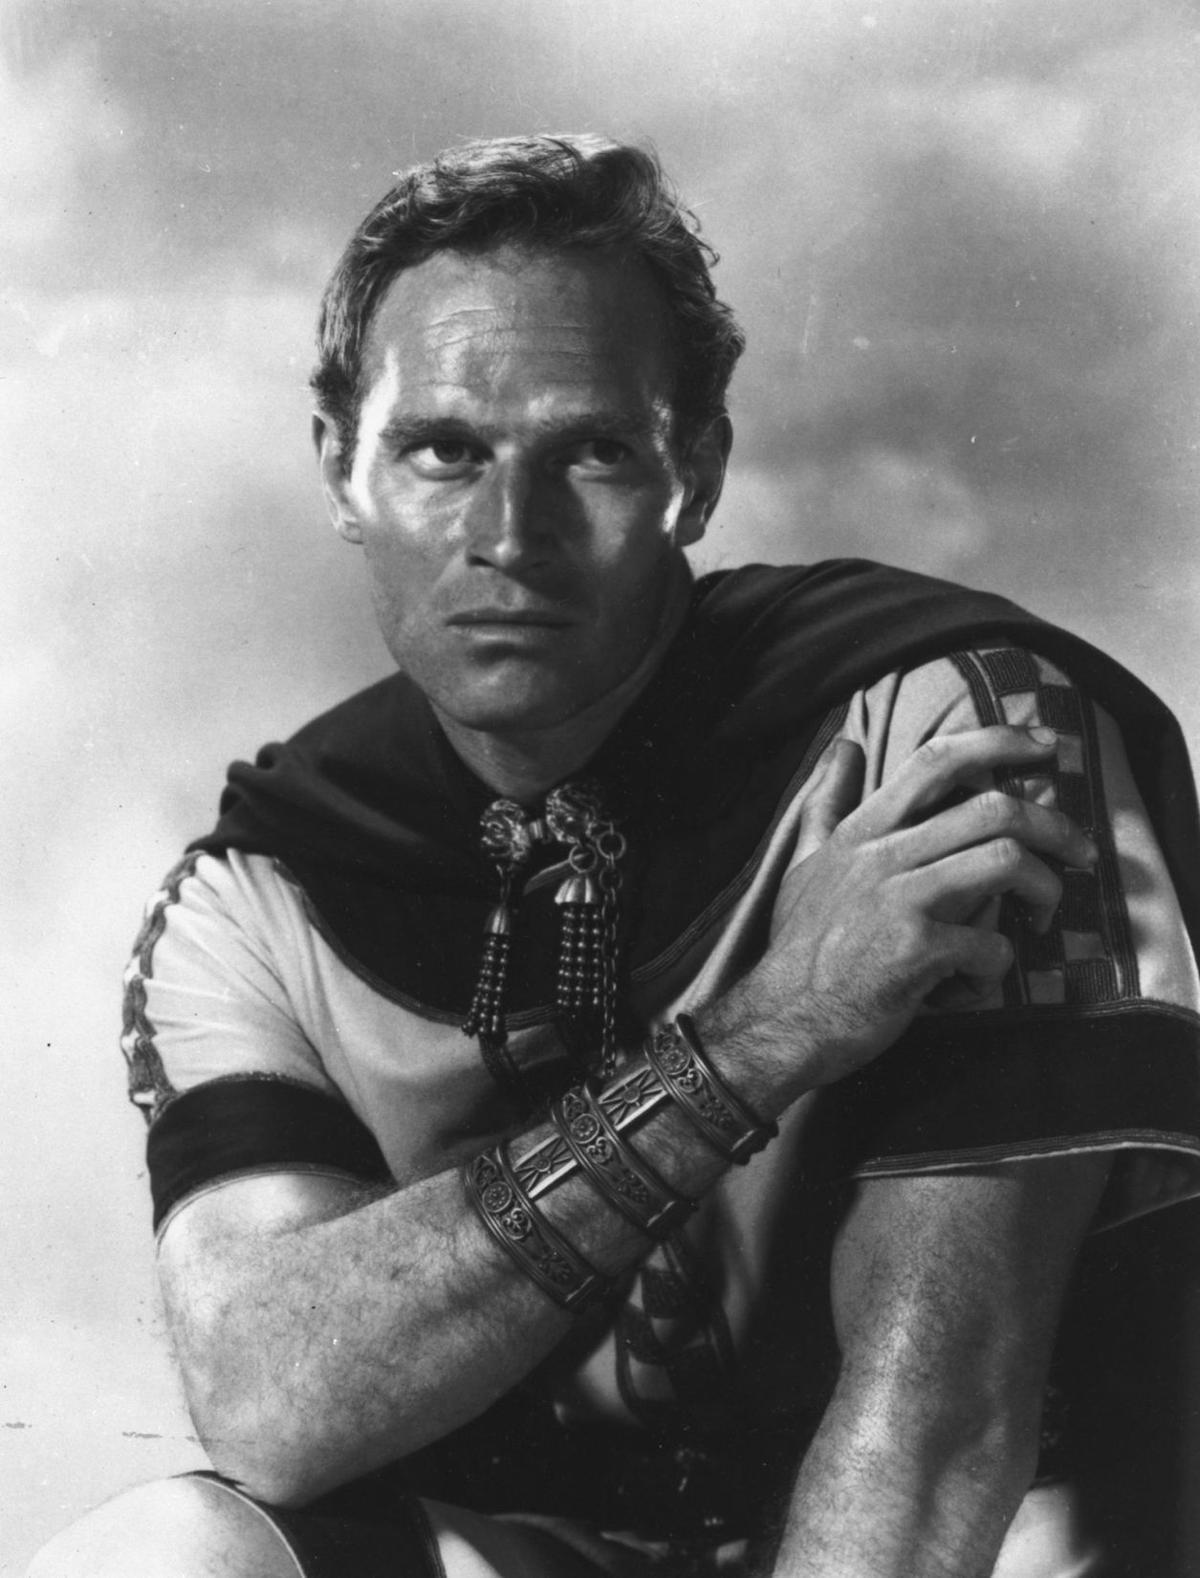 Paramount, MGM to remake historical epic 'Ben-Hur'